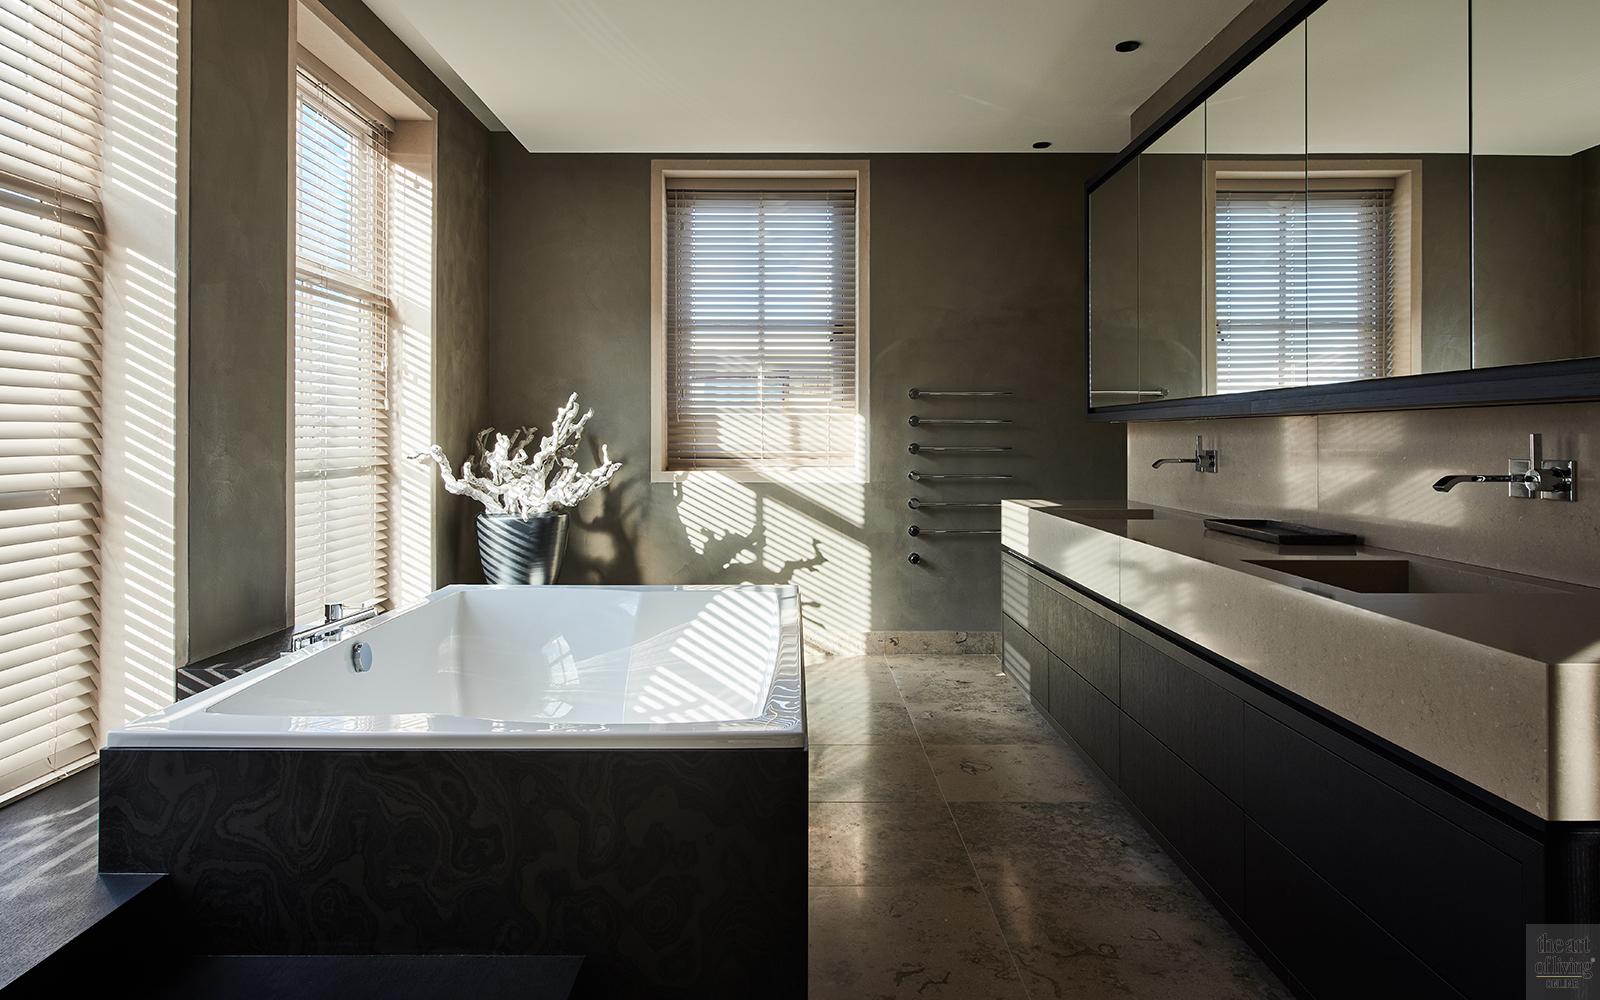 Exclusief interieur, Eric Kuster, Culimaat, Metropolitan Luxury, Badkamer, Bathroom, Design, Luxe